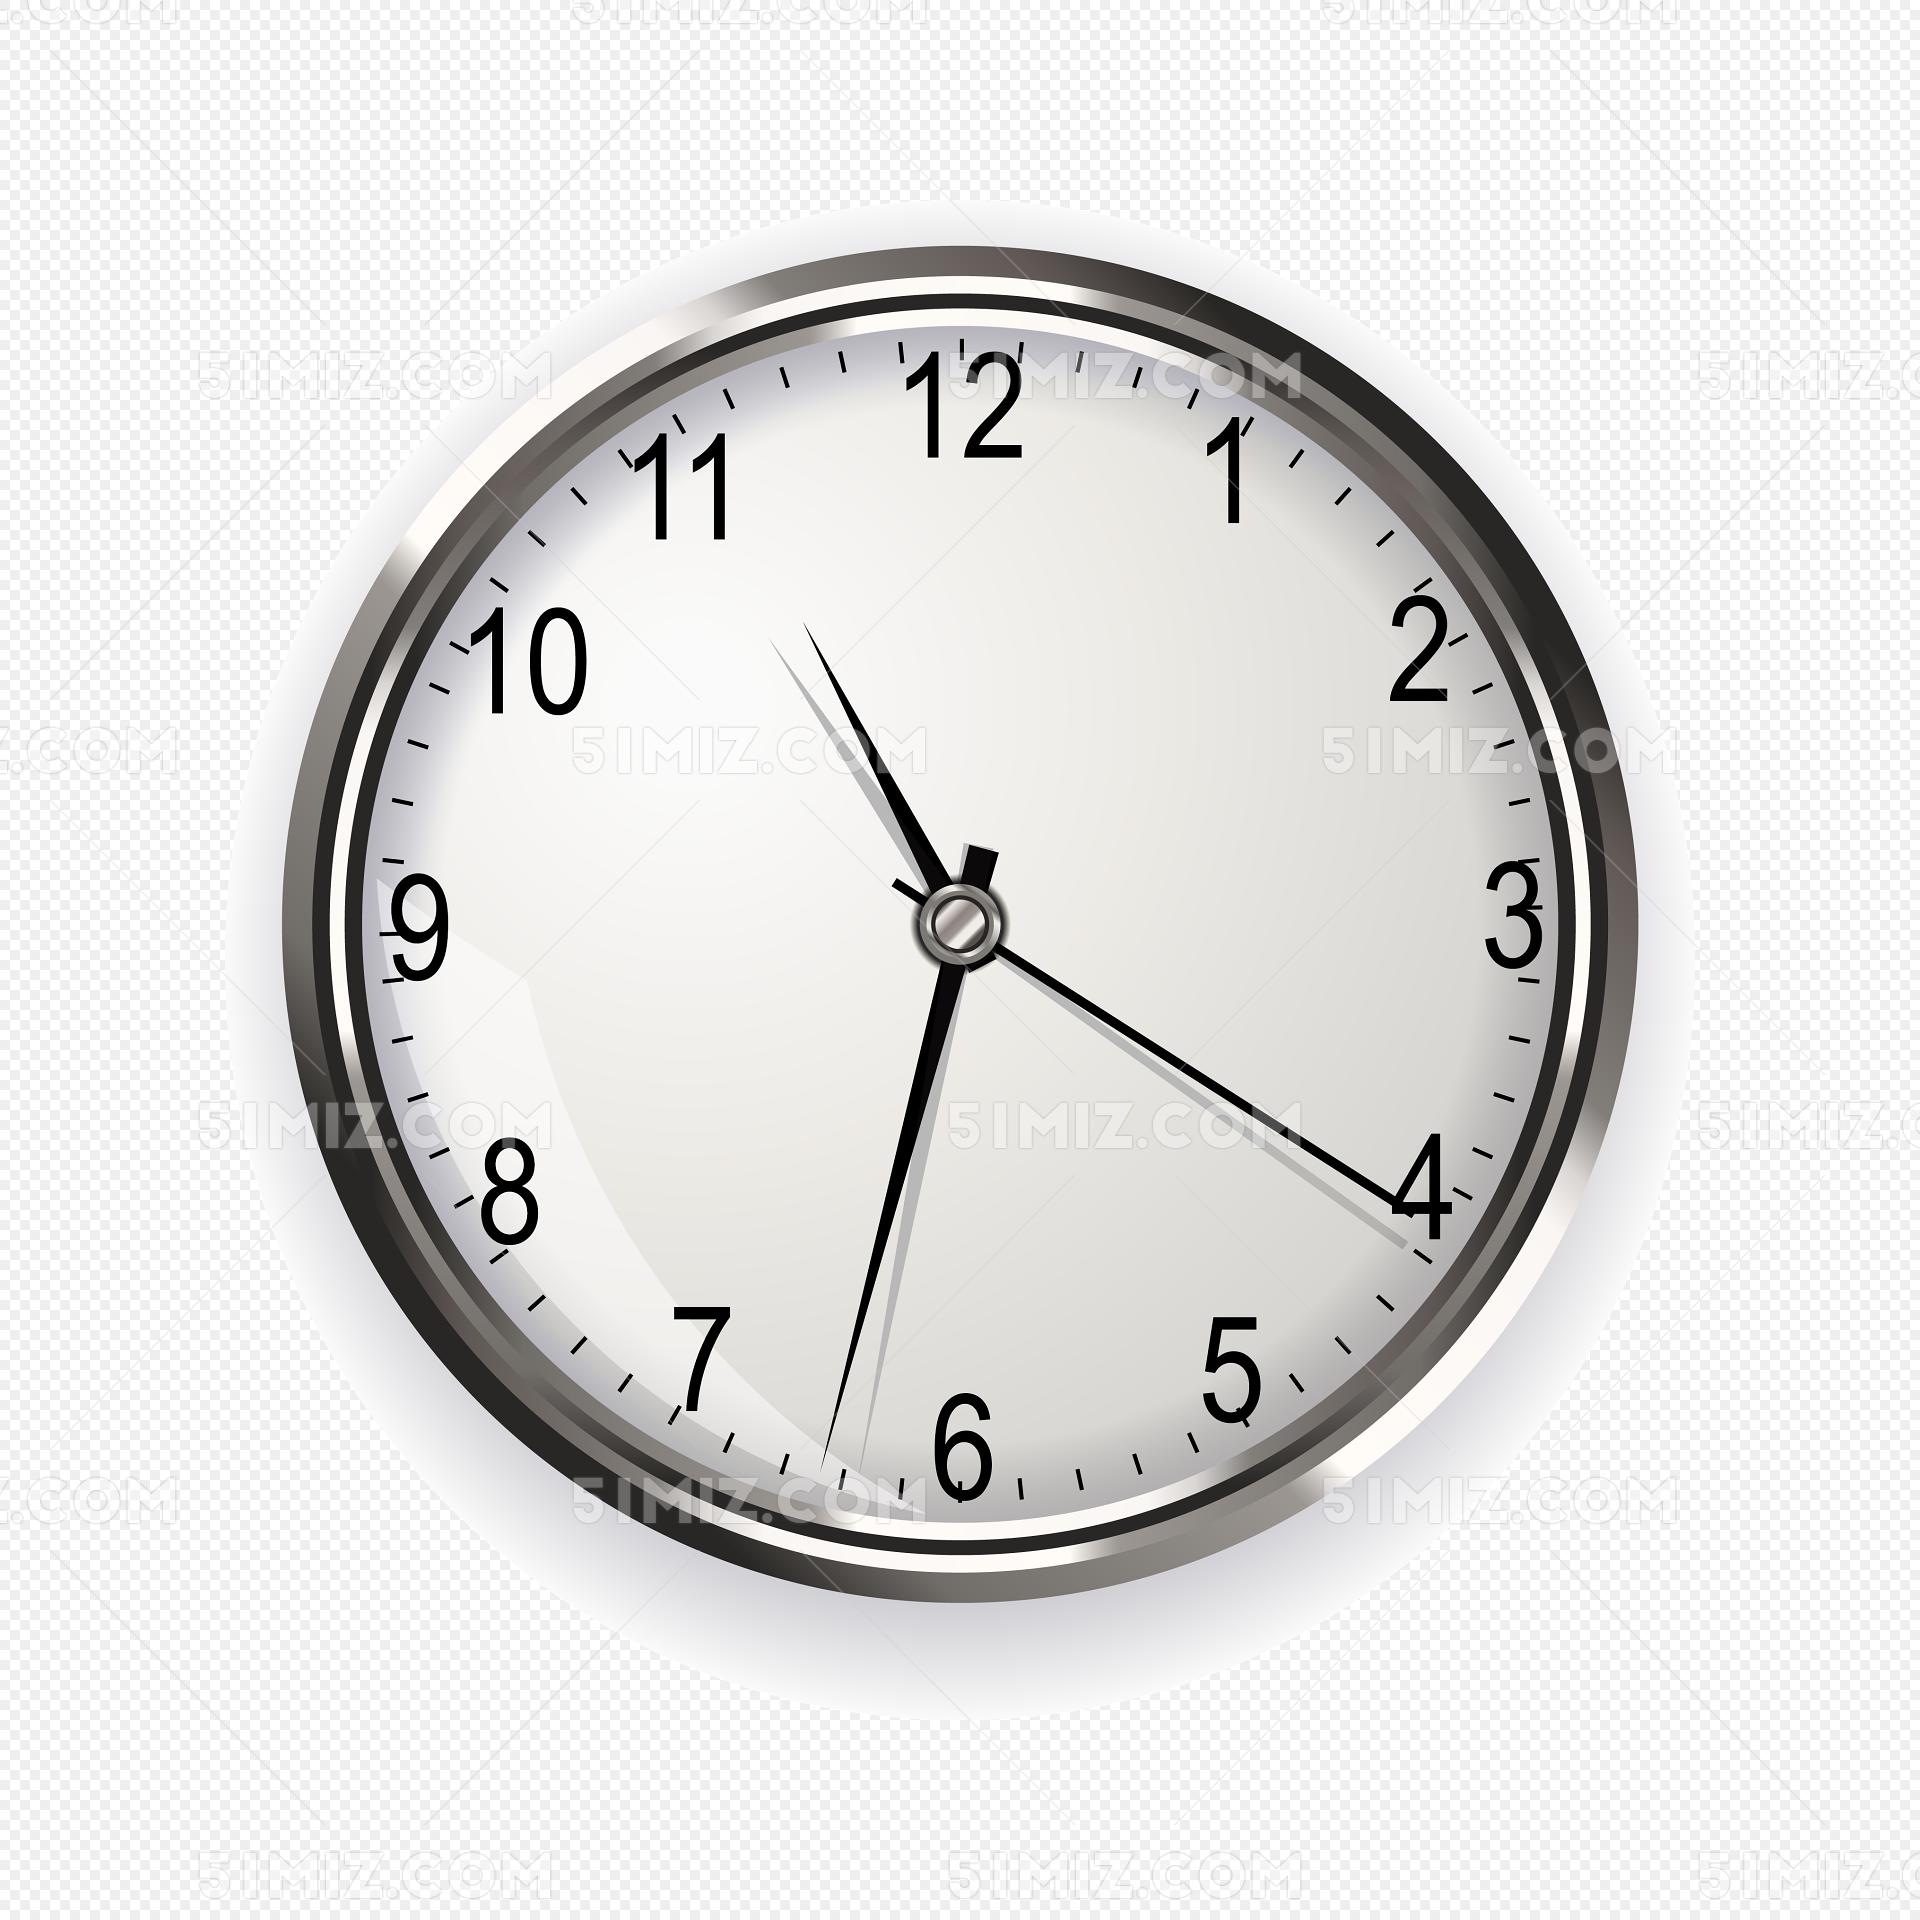 手工钟表图片大全大图